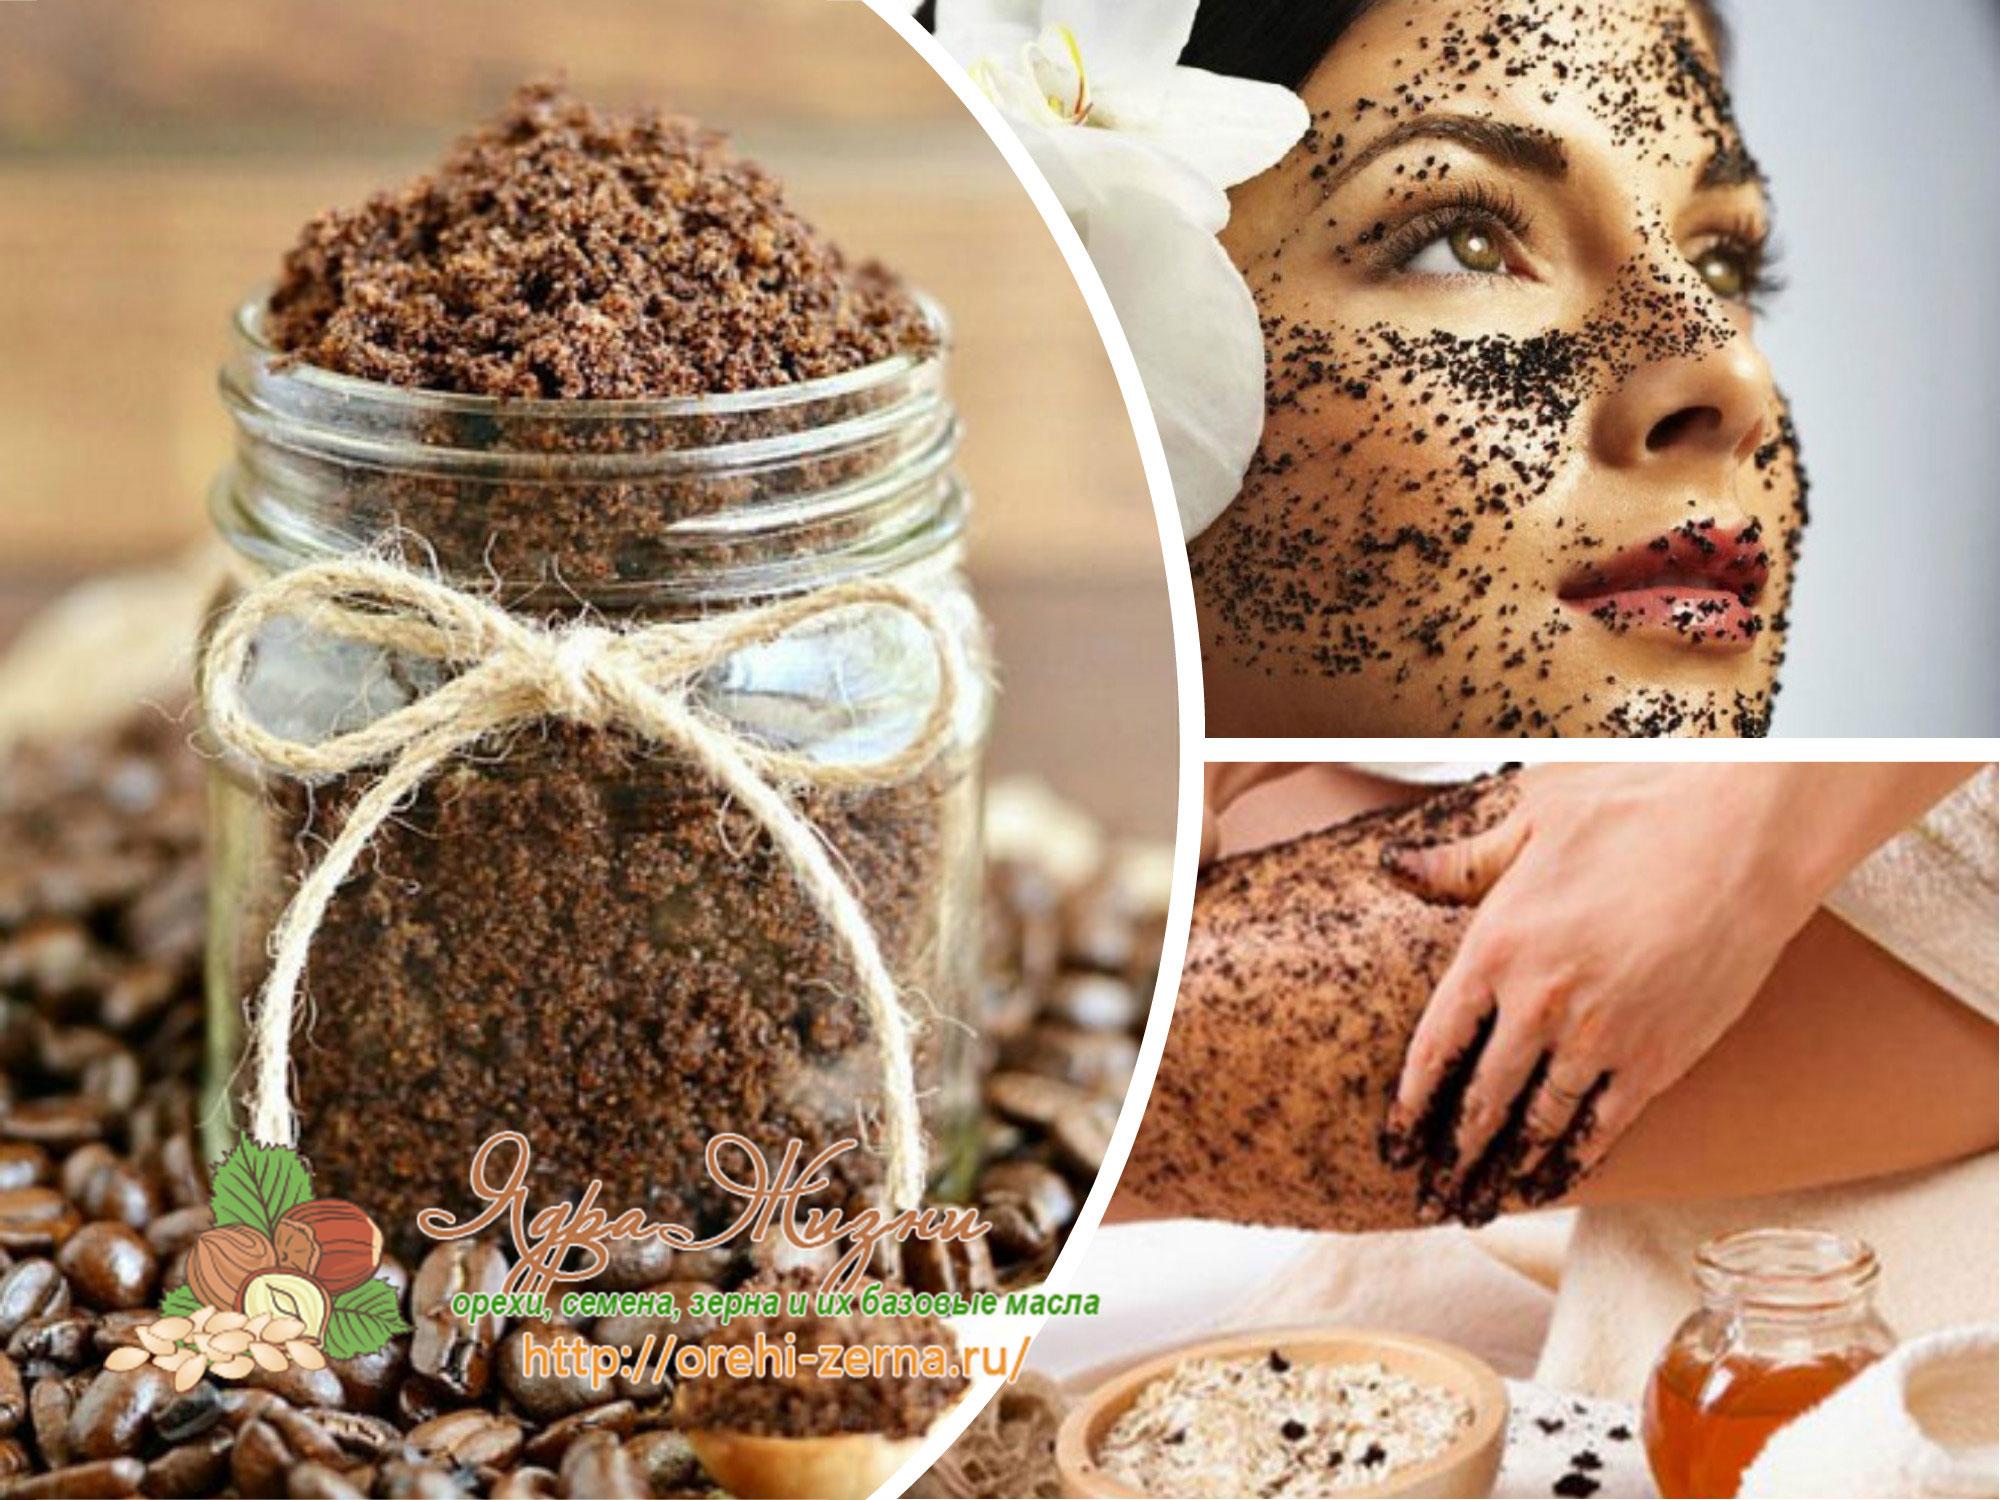 Домашний скраб из кофе: рецепты